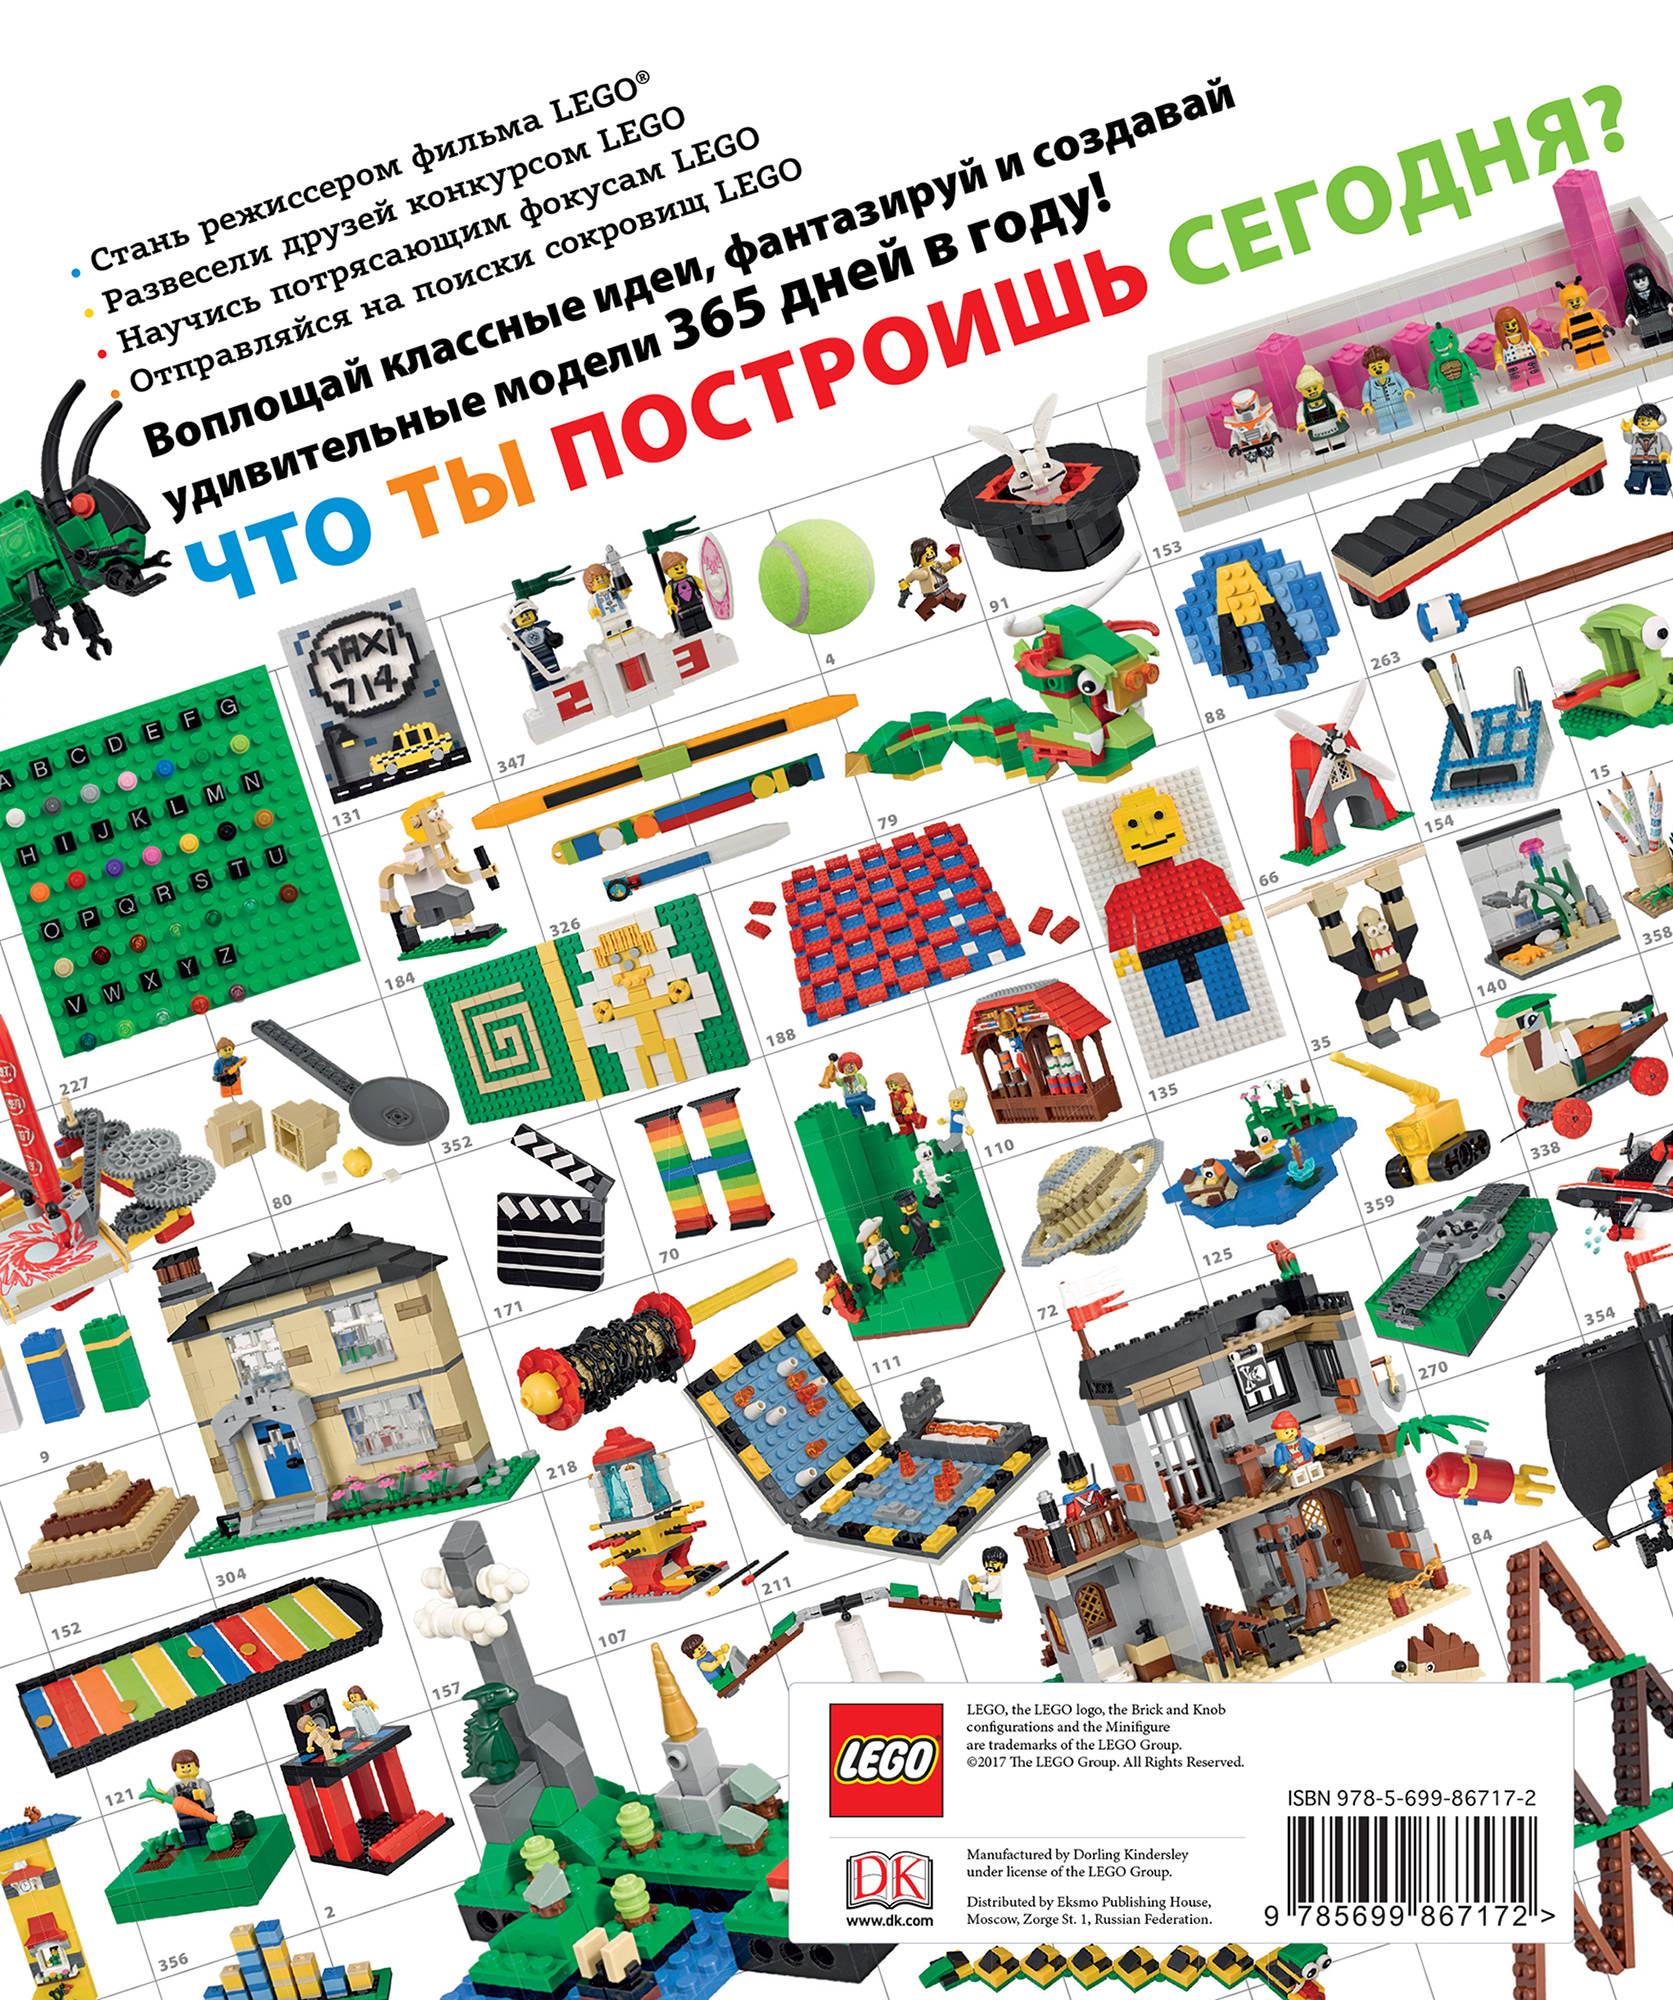 Саймон Хьюго. 365 штук из кубиков LEGO